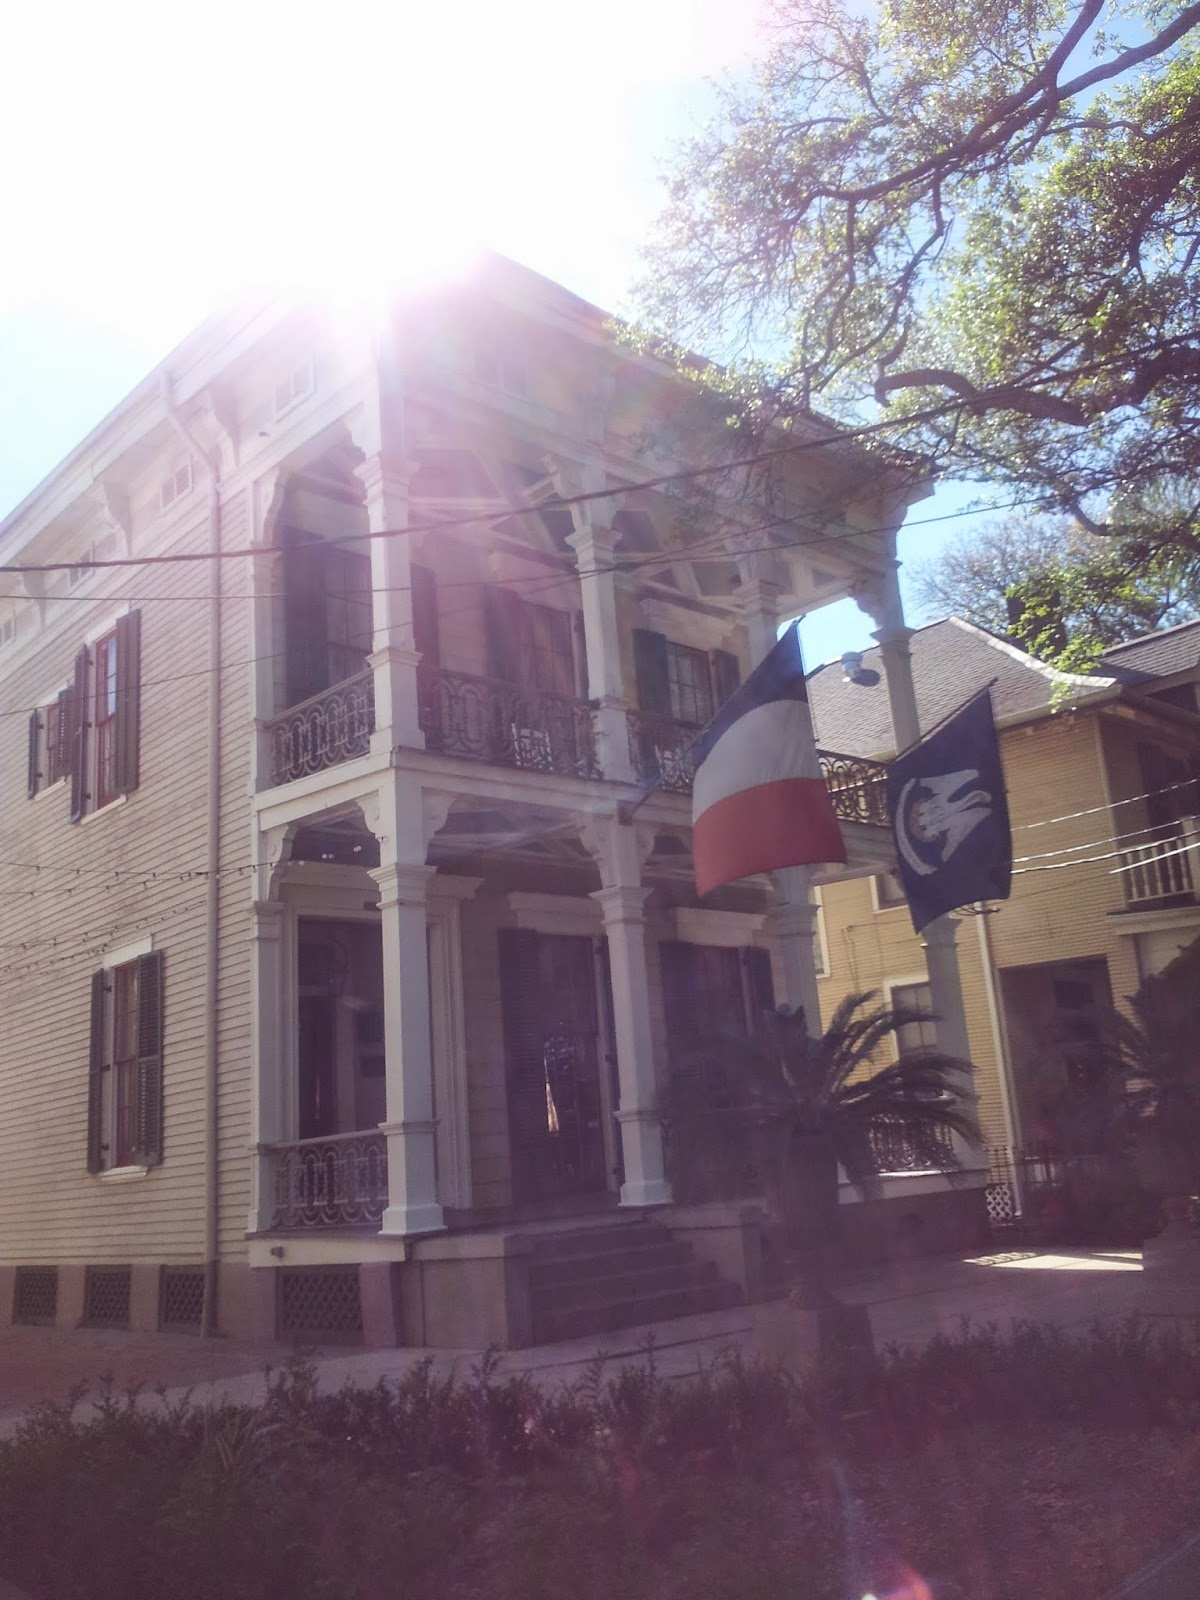 Edgar Degas House, New Orleans, sun streaming